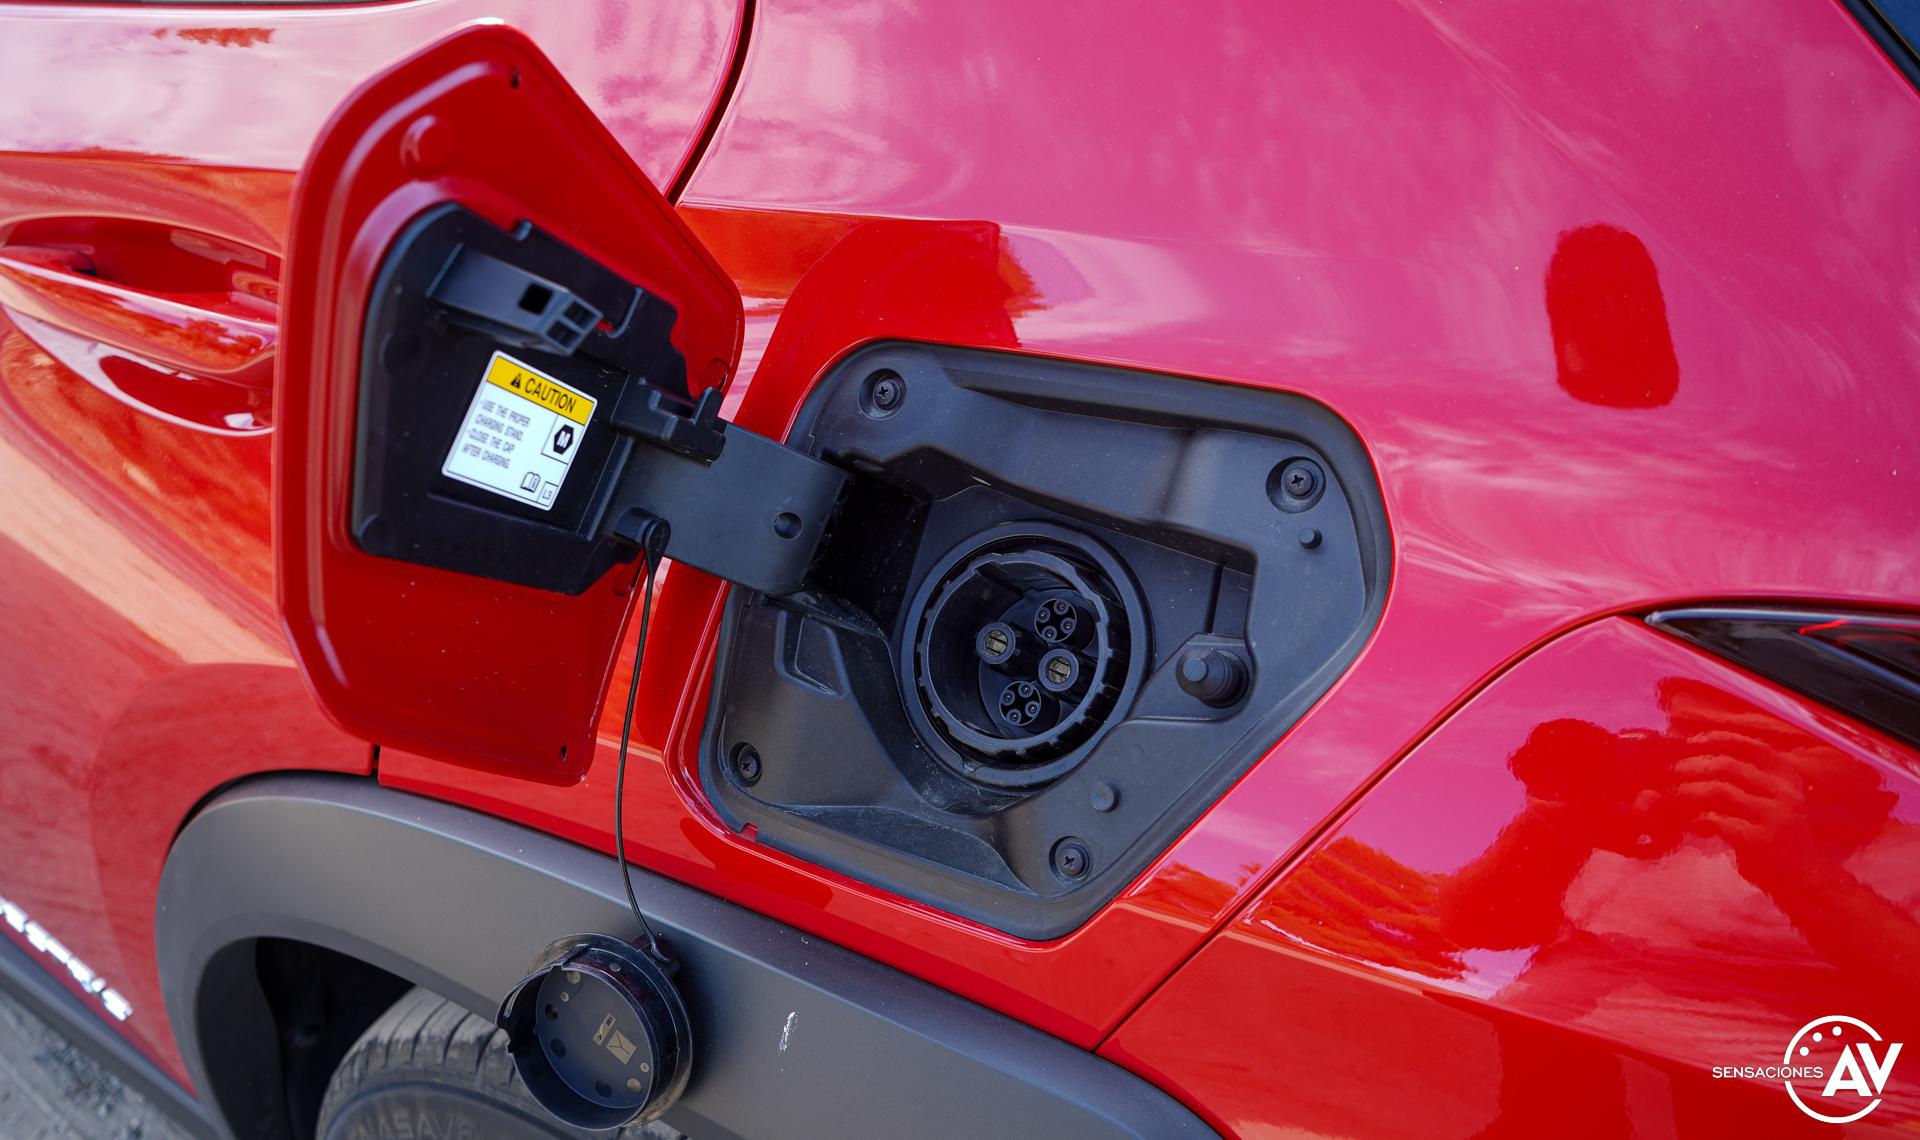 Puerto de carga izquierdo - Prueba Lexus UX 300e Business: Lujo, confort, garantía y electricidad todo en uno